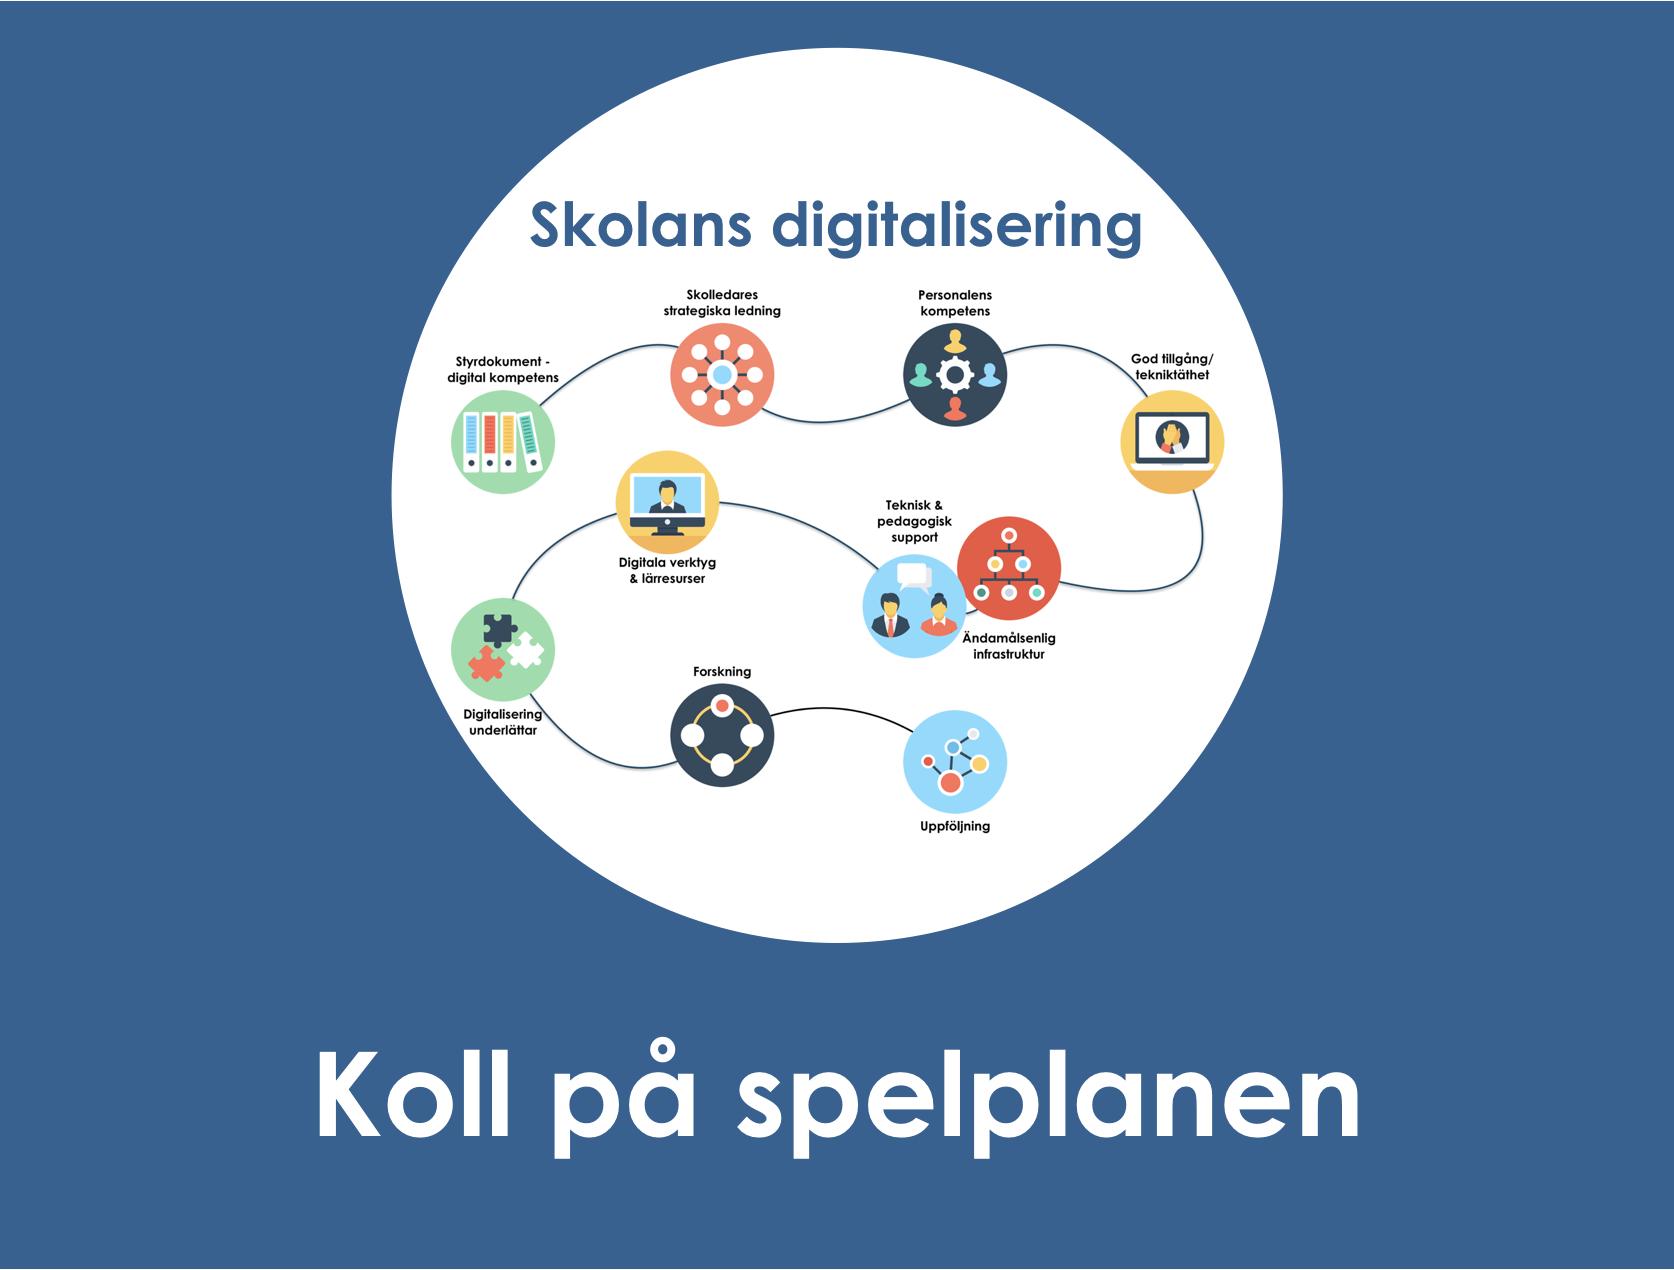 Inspiration och rådgivning - exempel   Att leda och utveckla för skolans digitalisering, med sikte på höjd måluppfyllelse och ökad likvärdighet  Digitaliseringen - en pågående process  Förståelse för nationella strategin och hur den kan och behöver omsättas i vardagen